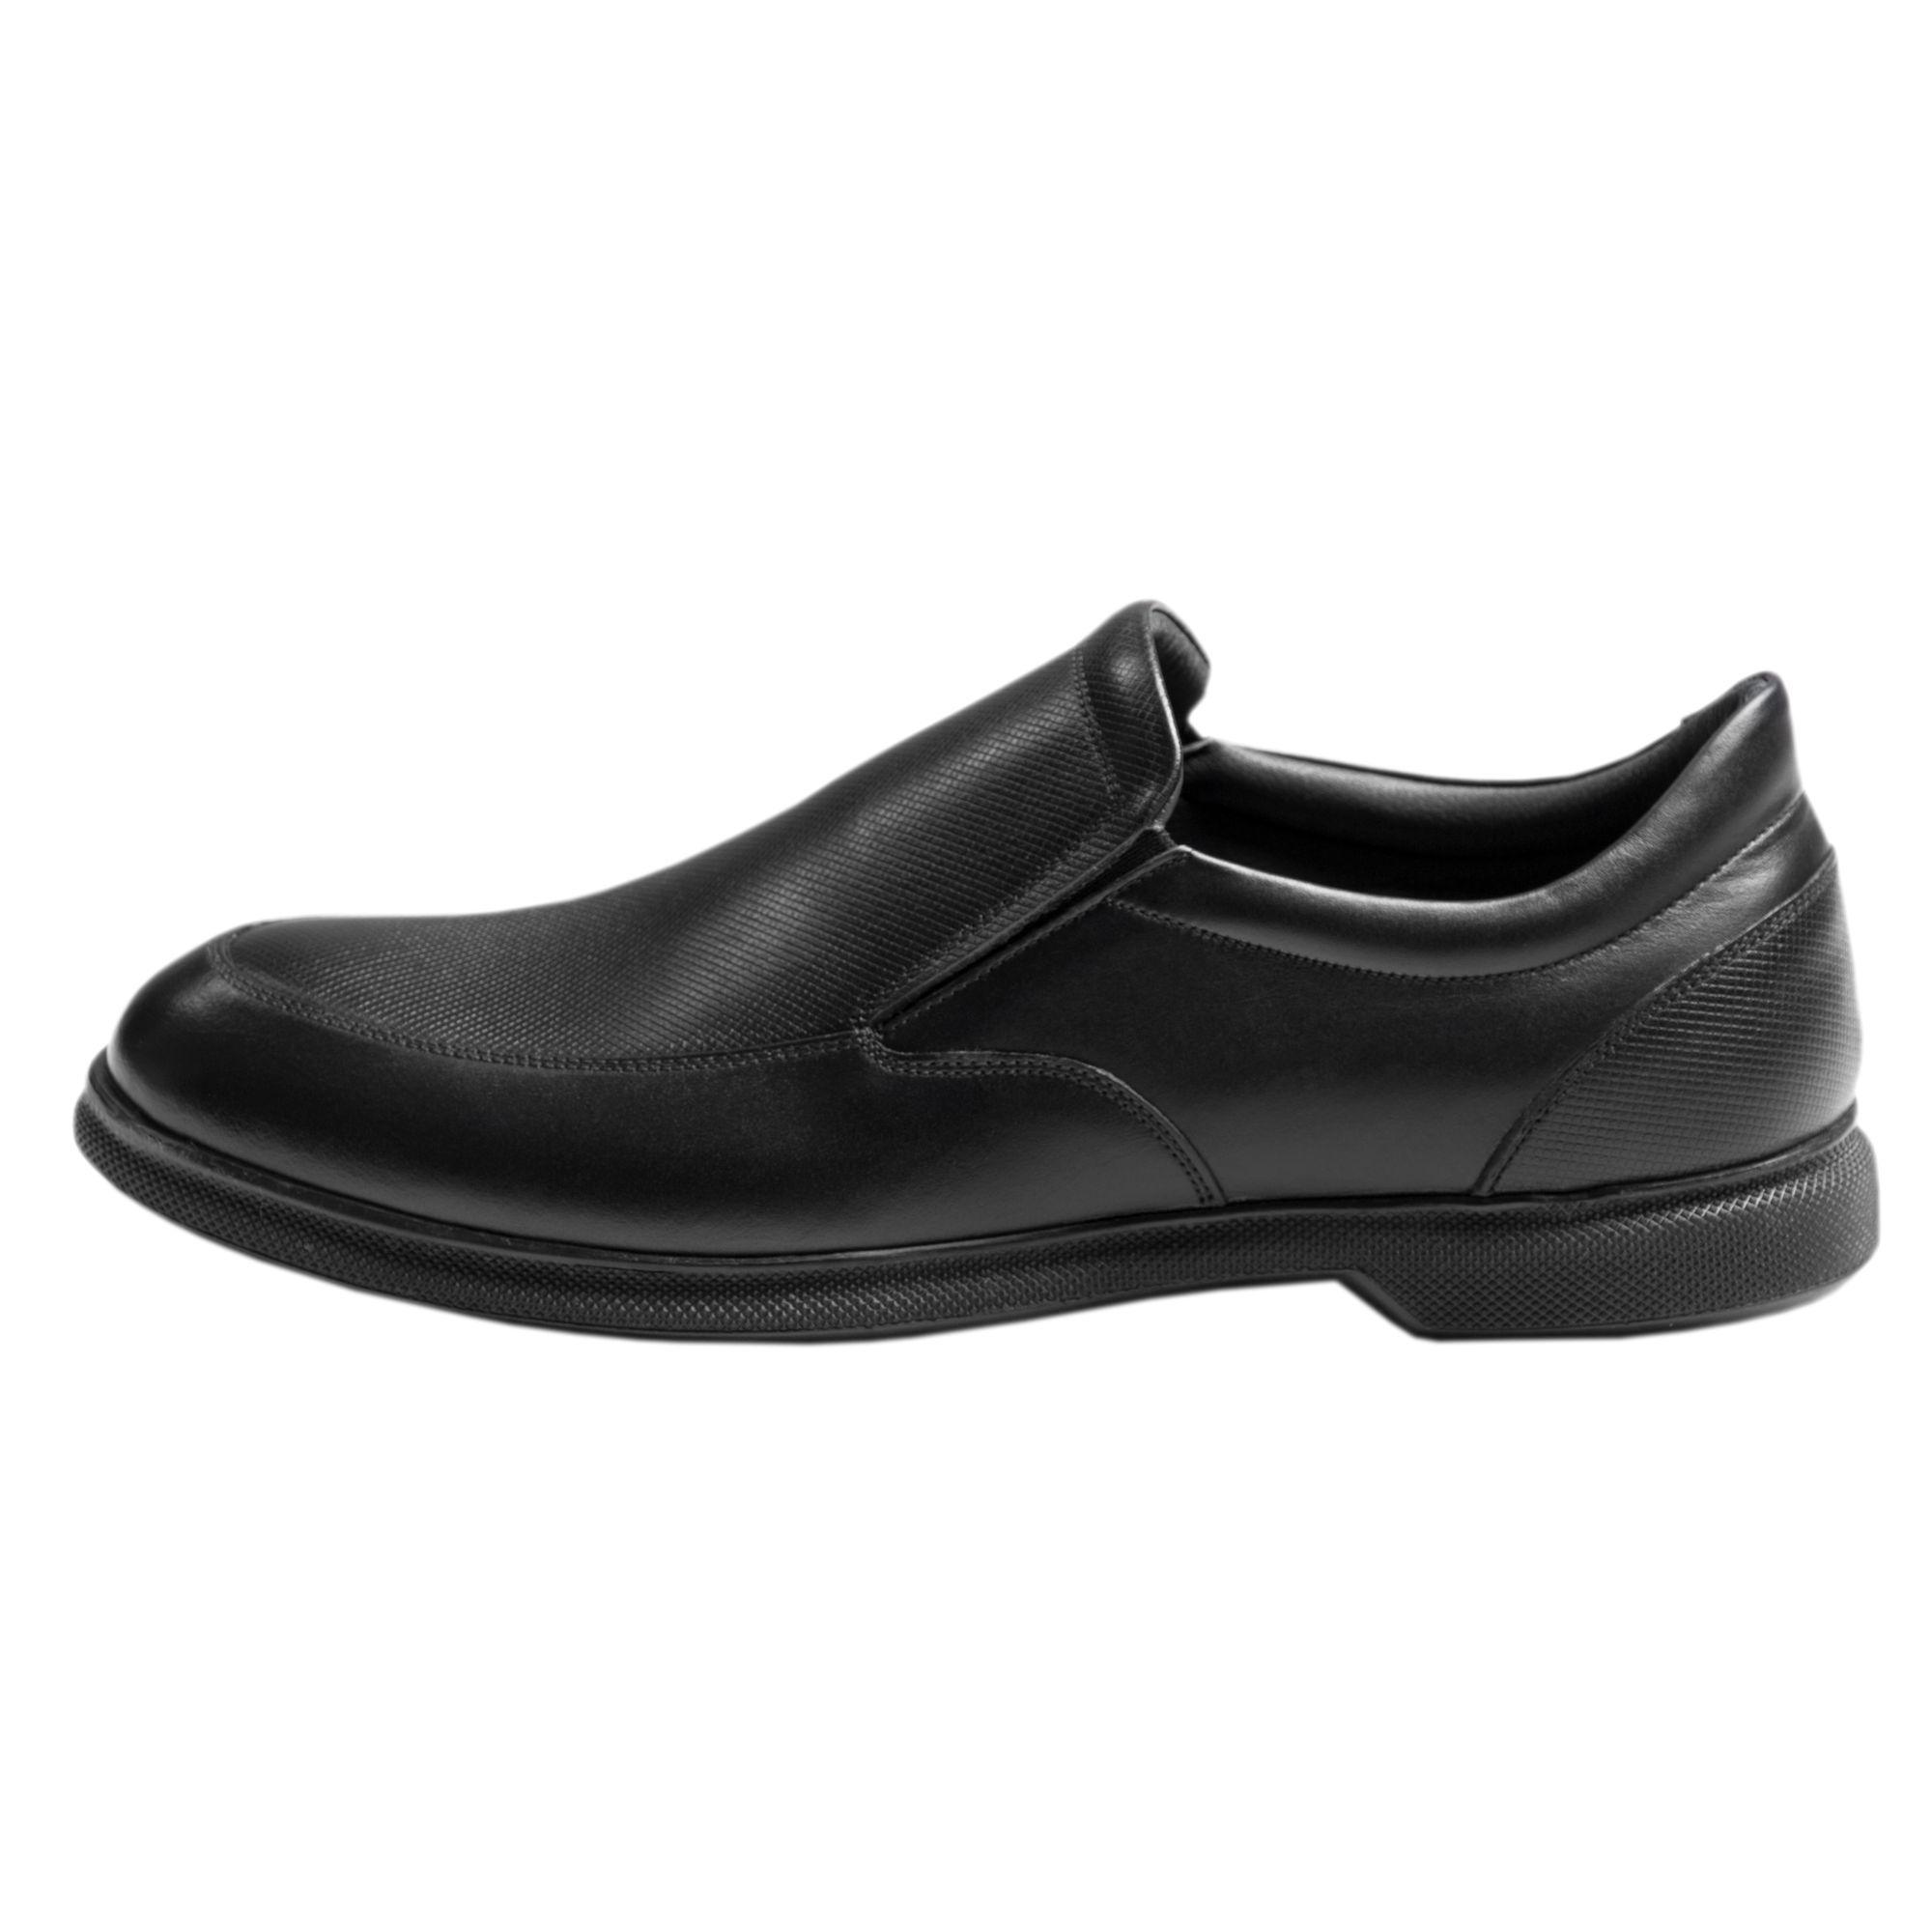 کفش مردانه سی سی مدل نروژی رنگ مشکی